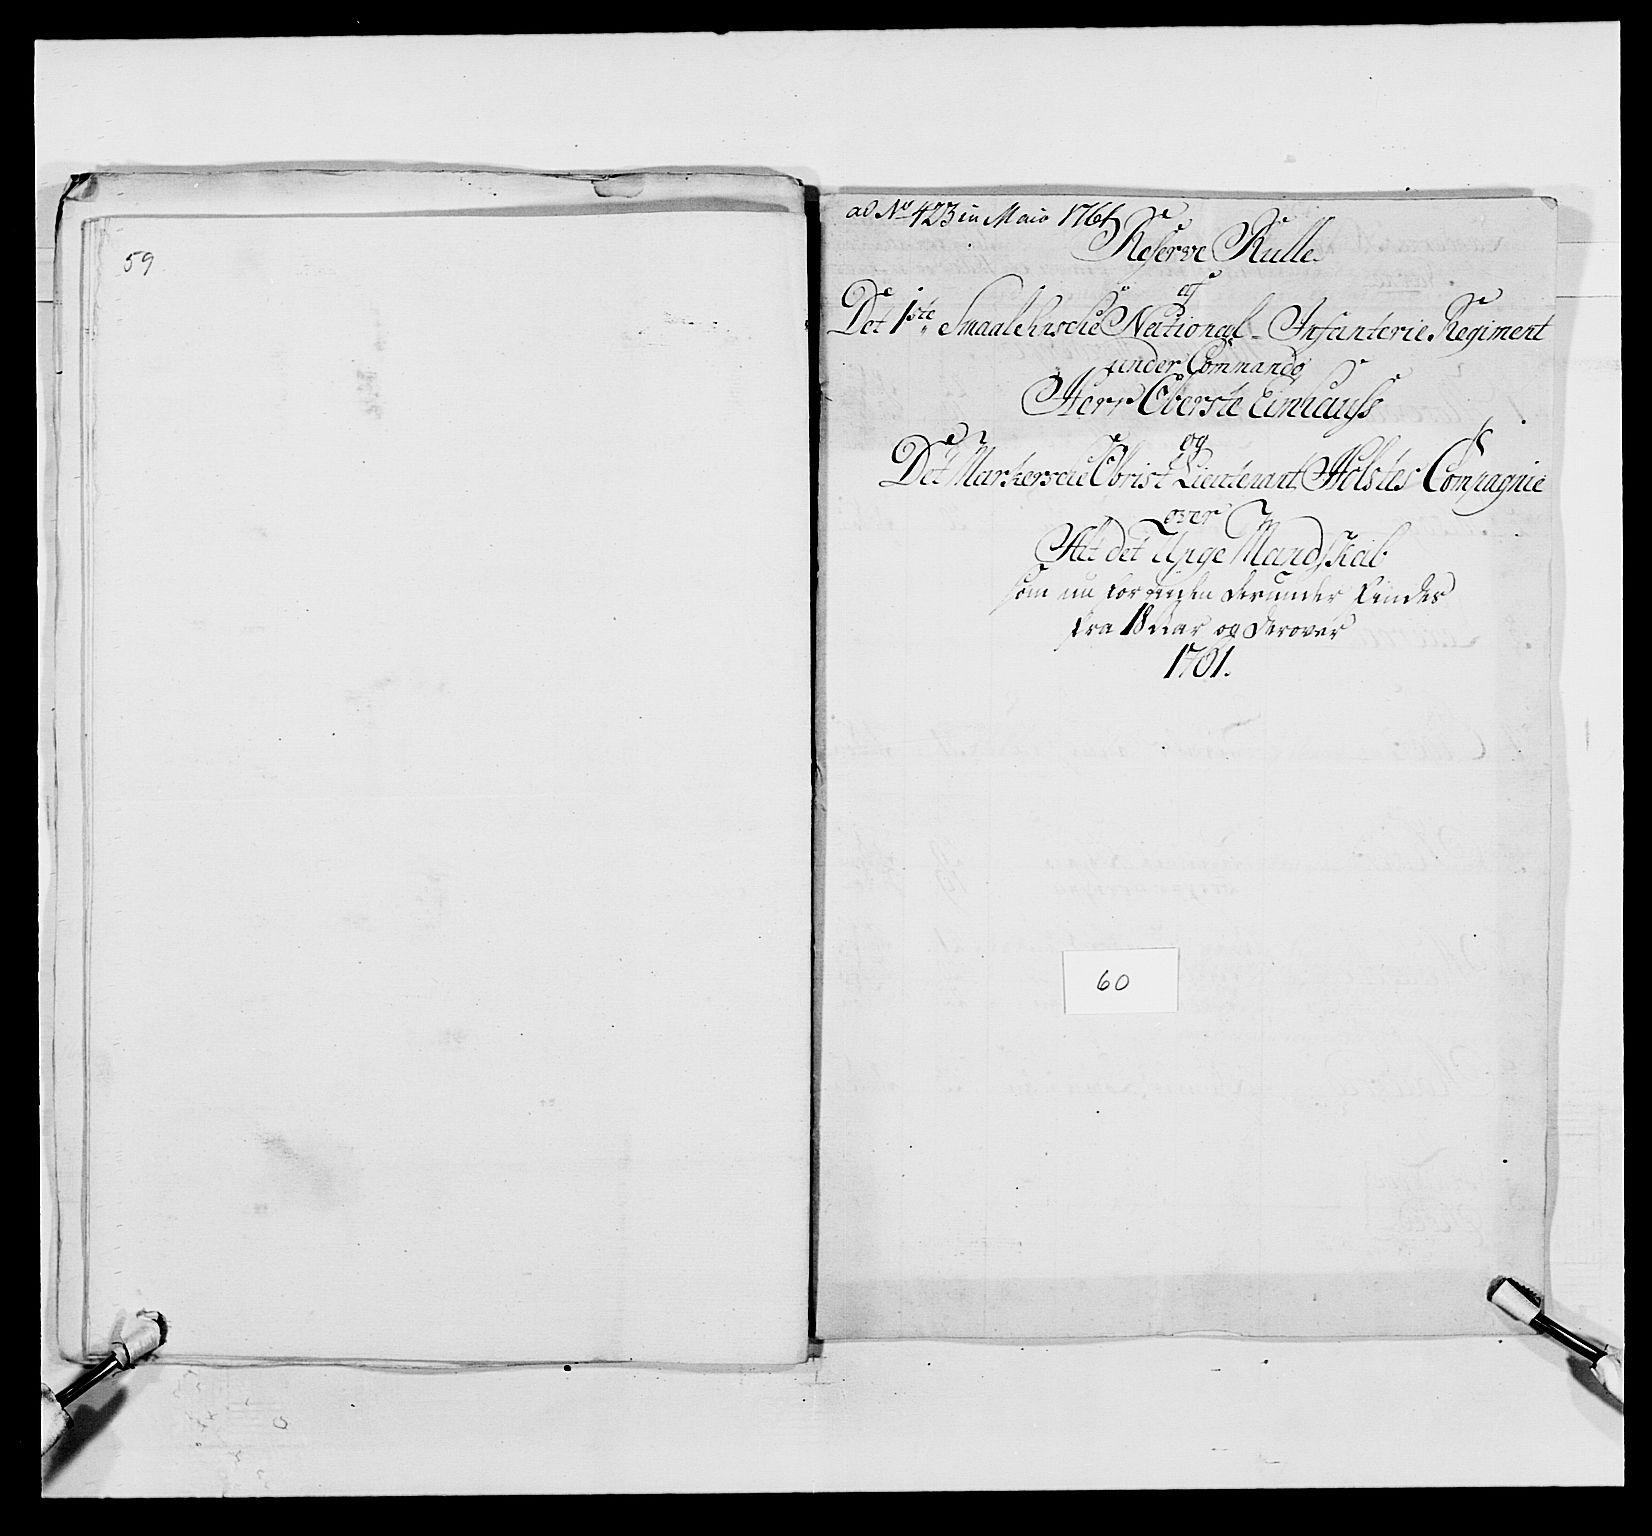 RA, Kommanderende general (KG I) med Det norske krigsdirektorium, E/Ea/L0495: 1. Smålenske regiment, 1732-1763, s. 760